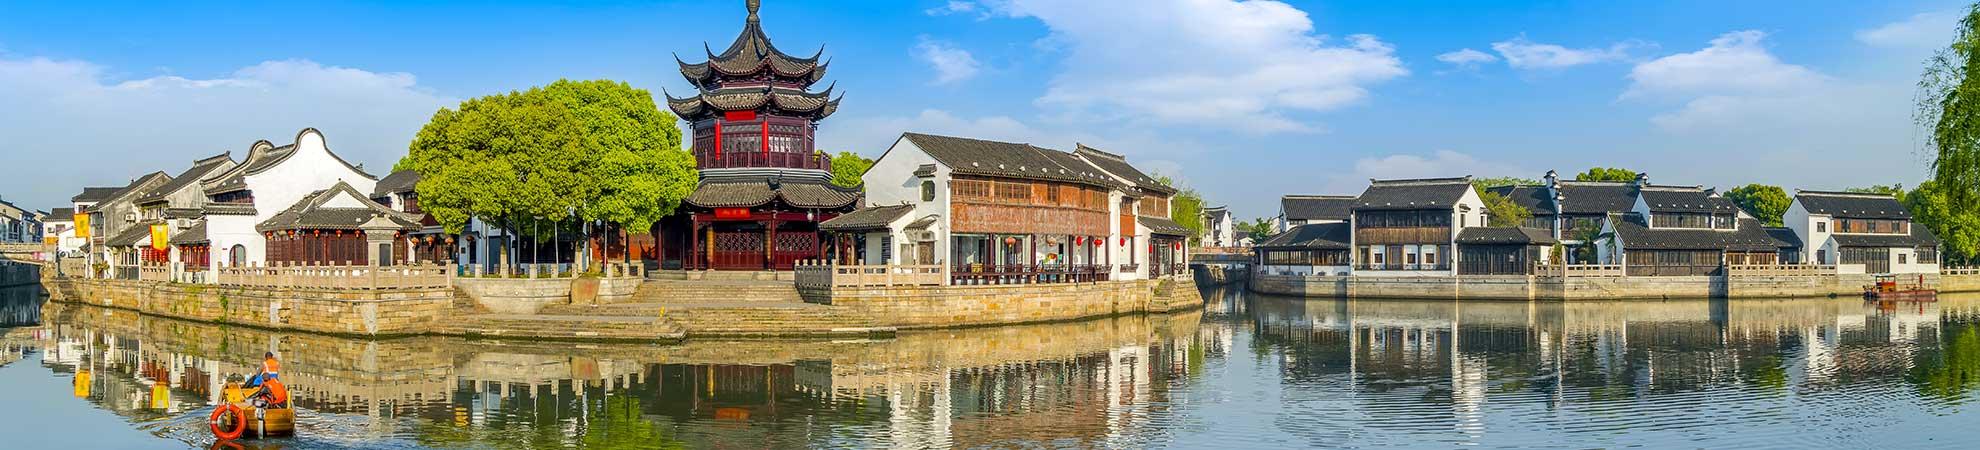 Quand partir en voyage en Chine pour profiter du meilleur climat